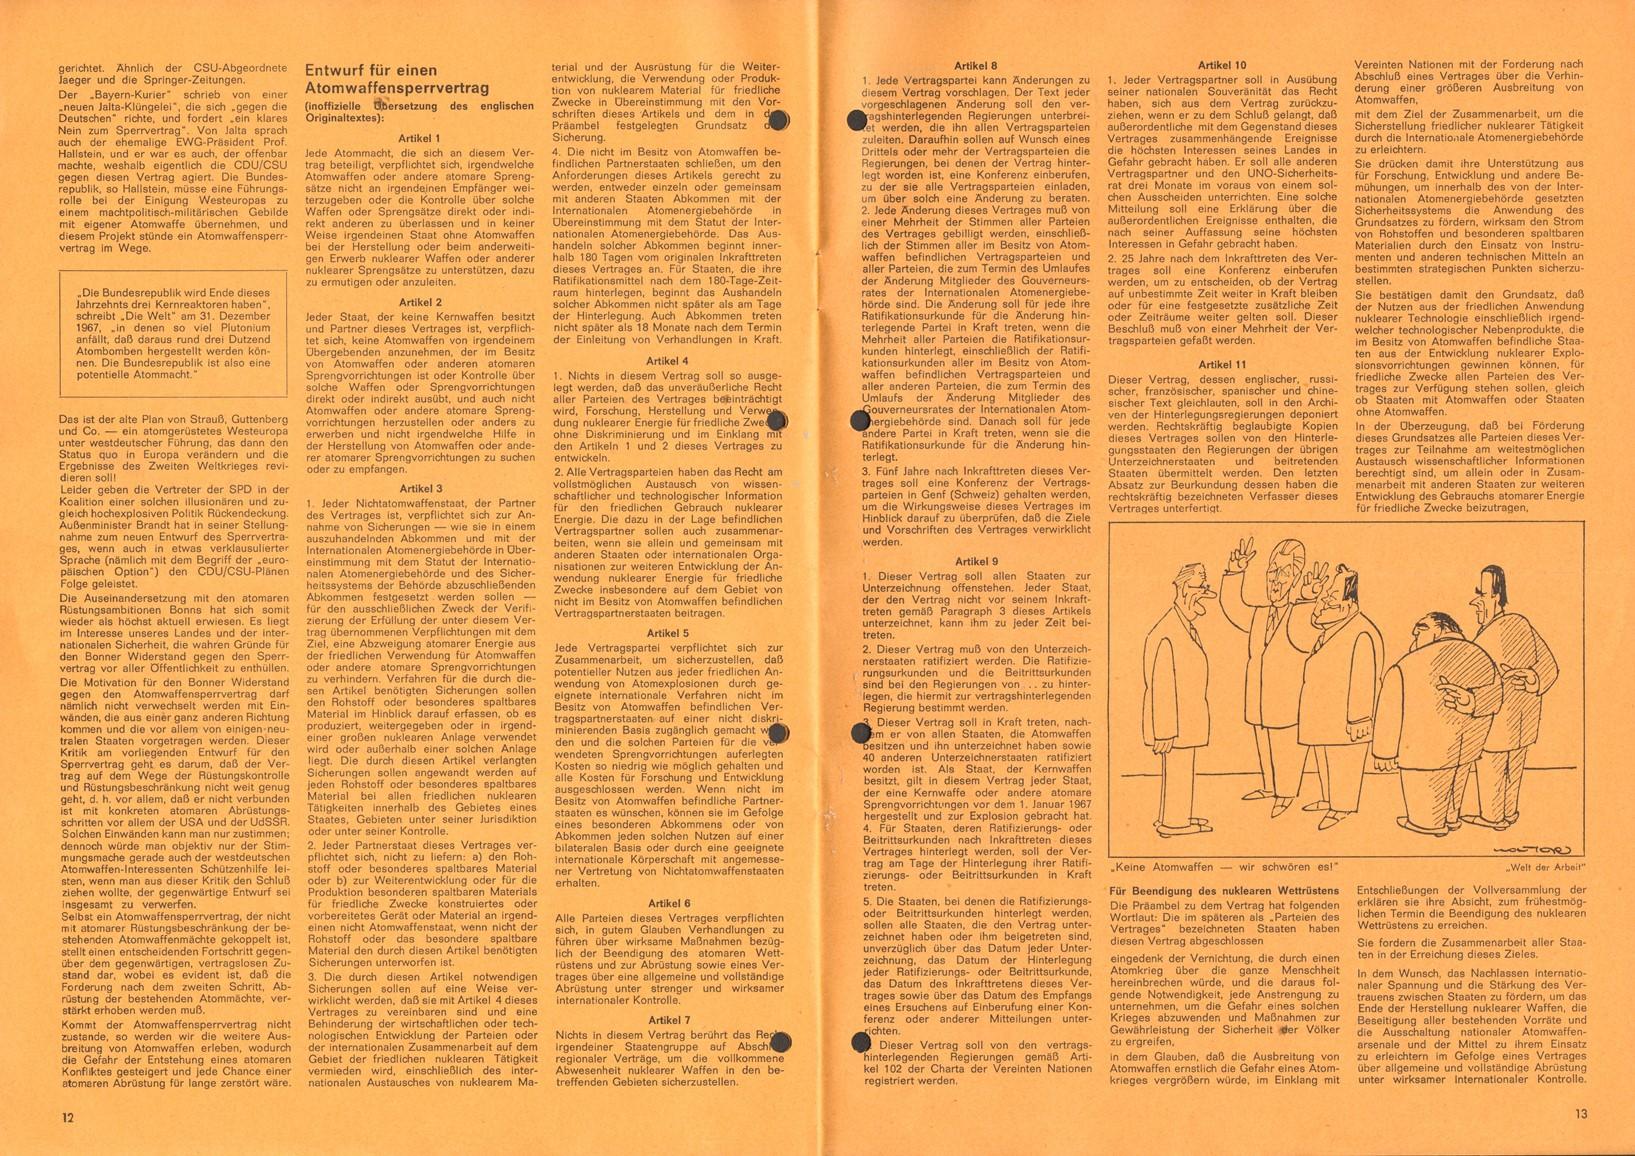 Informationen_zur_Abruestung_1968_055_007